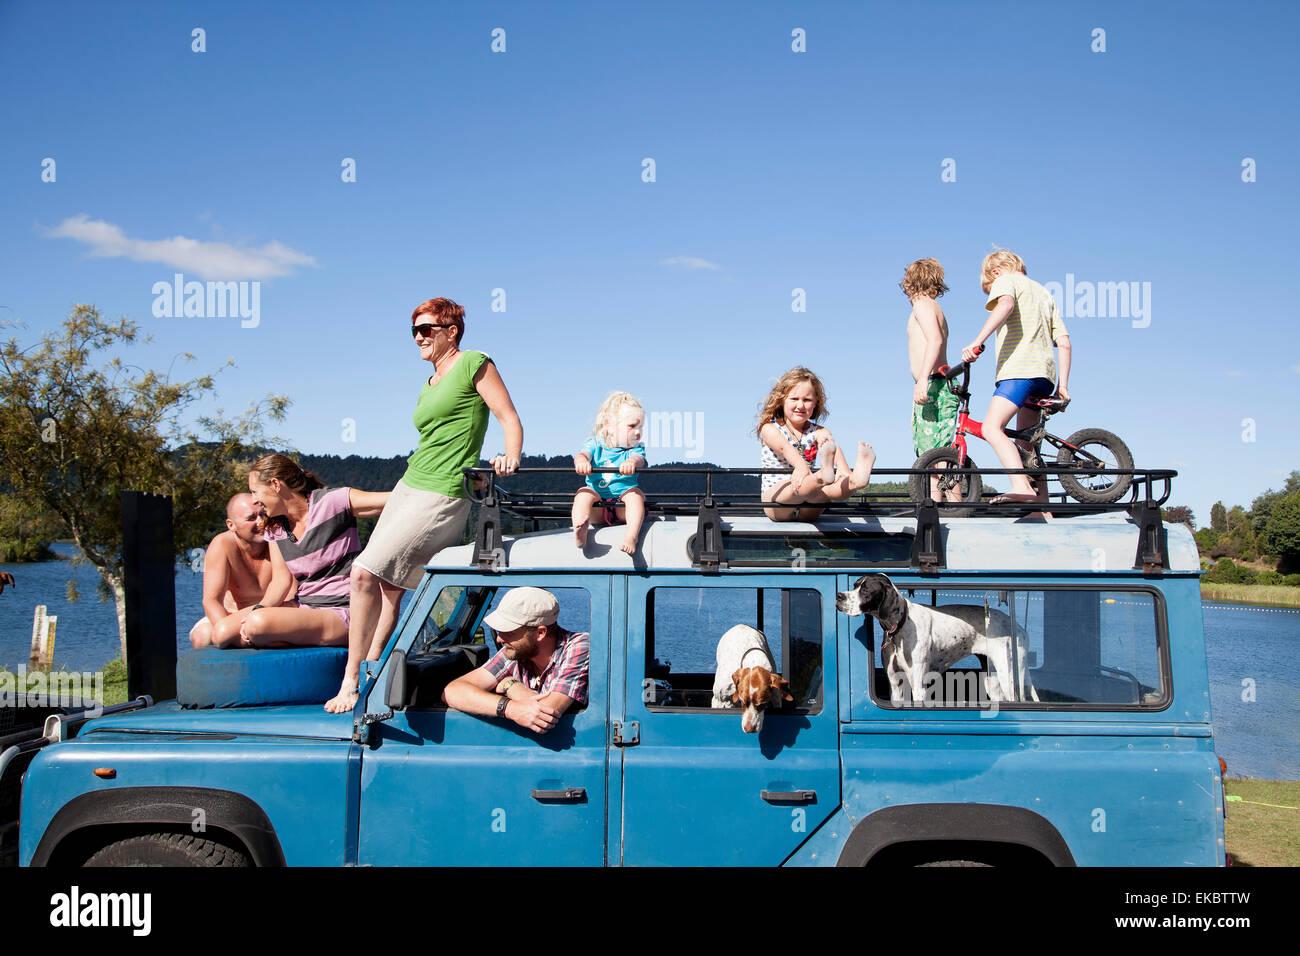 Freunde der Familie oben auf Geländewagen, Lake Okareka, Neuseeland Stockbild